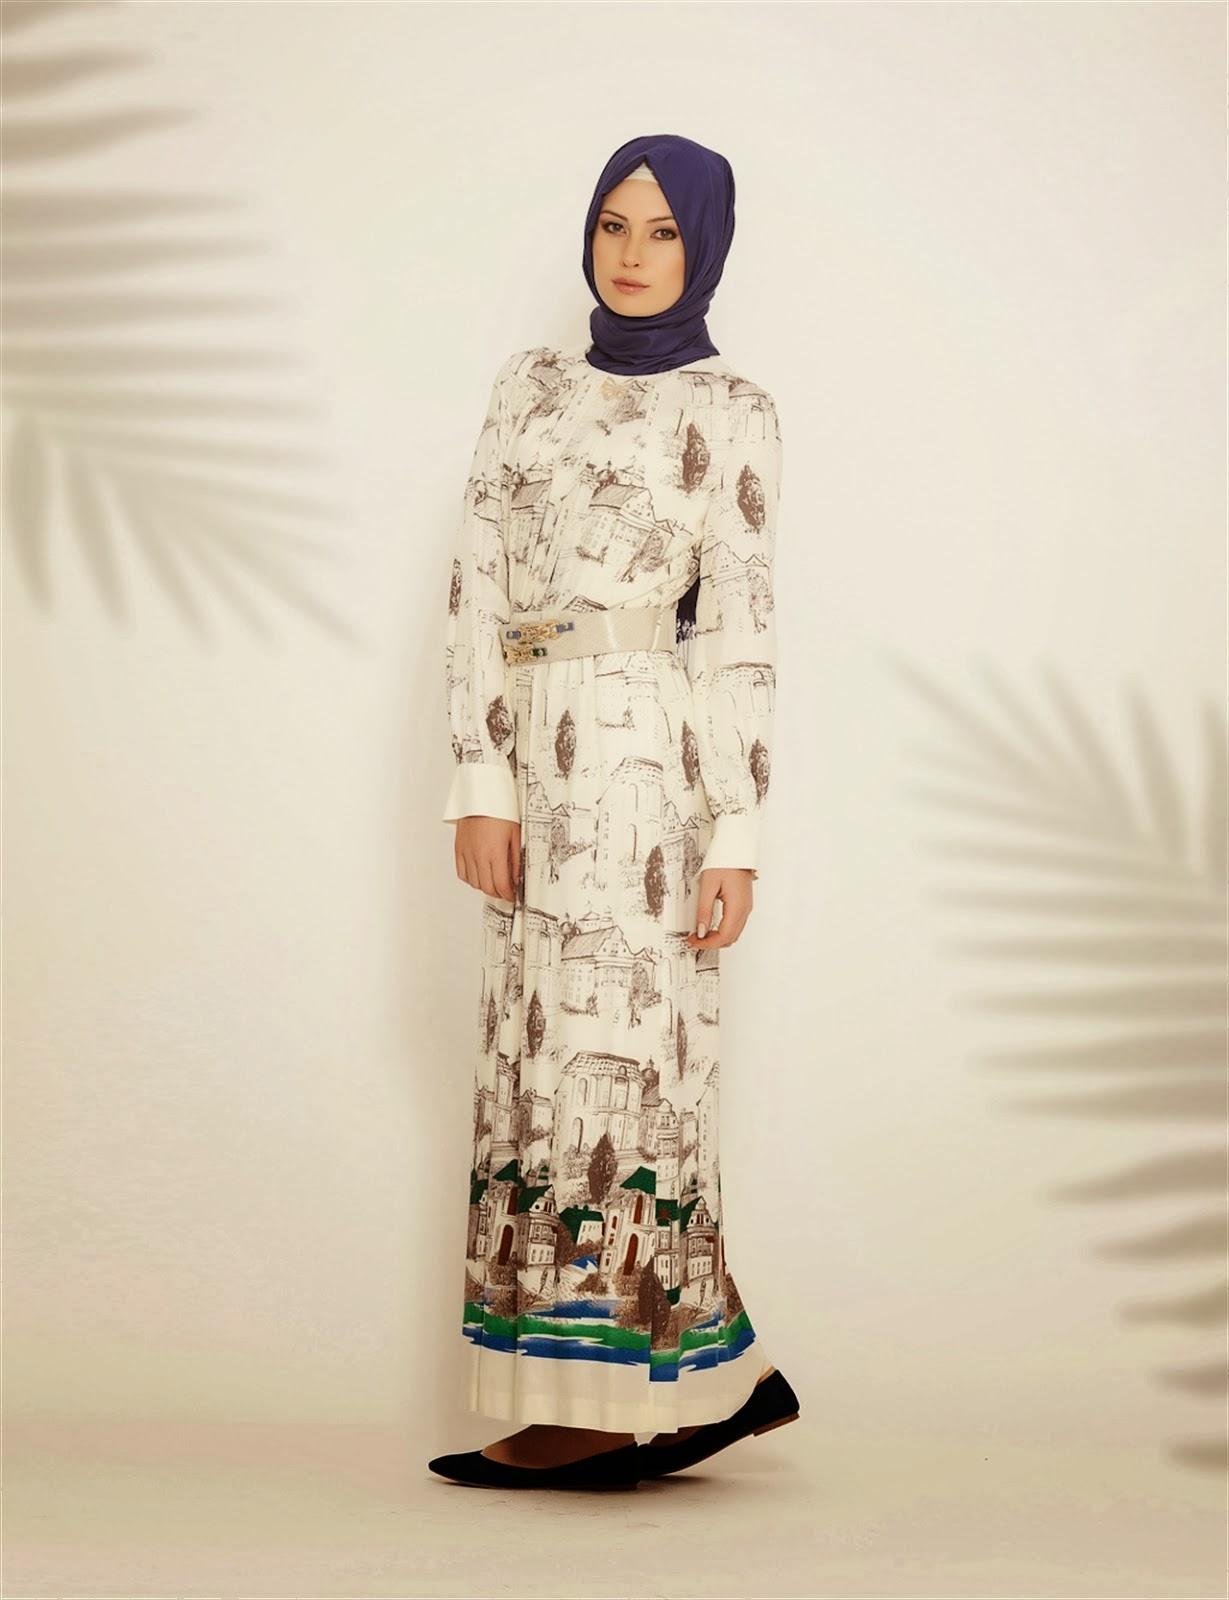 صوره ملابس محجبات مميزة 2019 ازياء للبنات المحجبات 2019